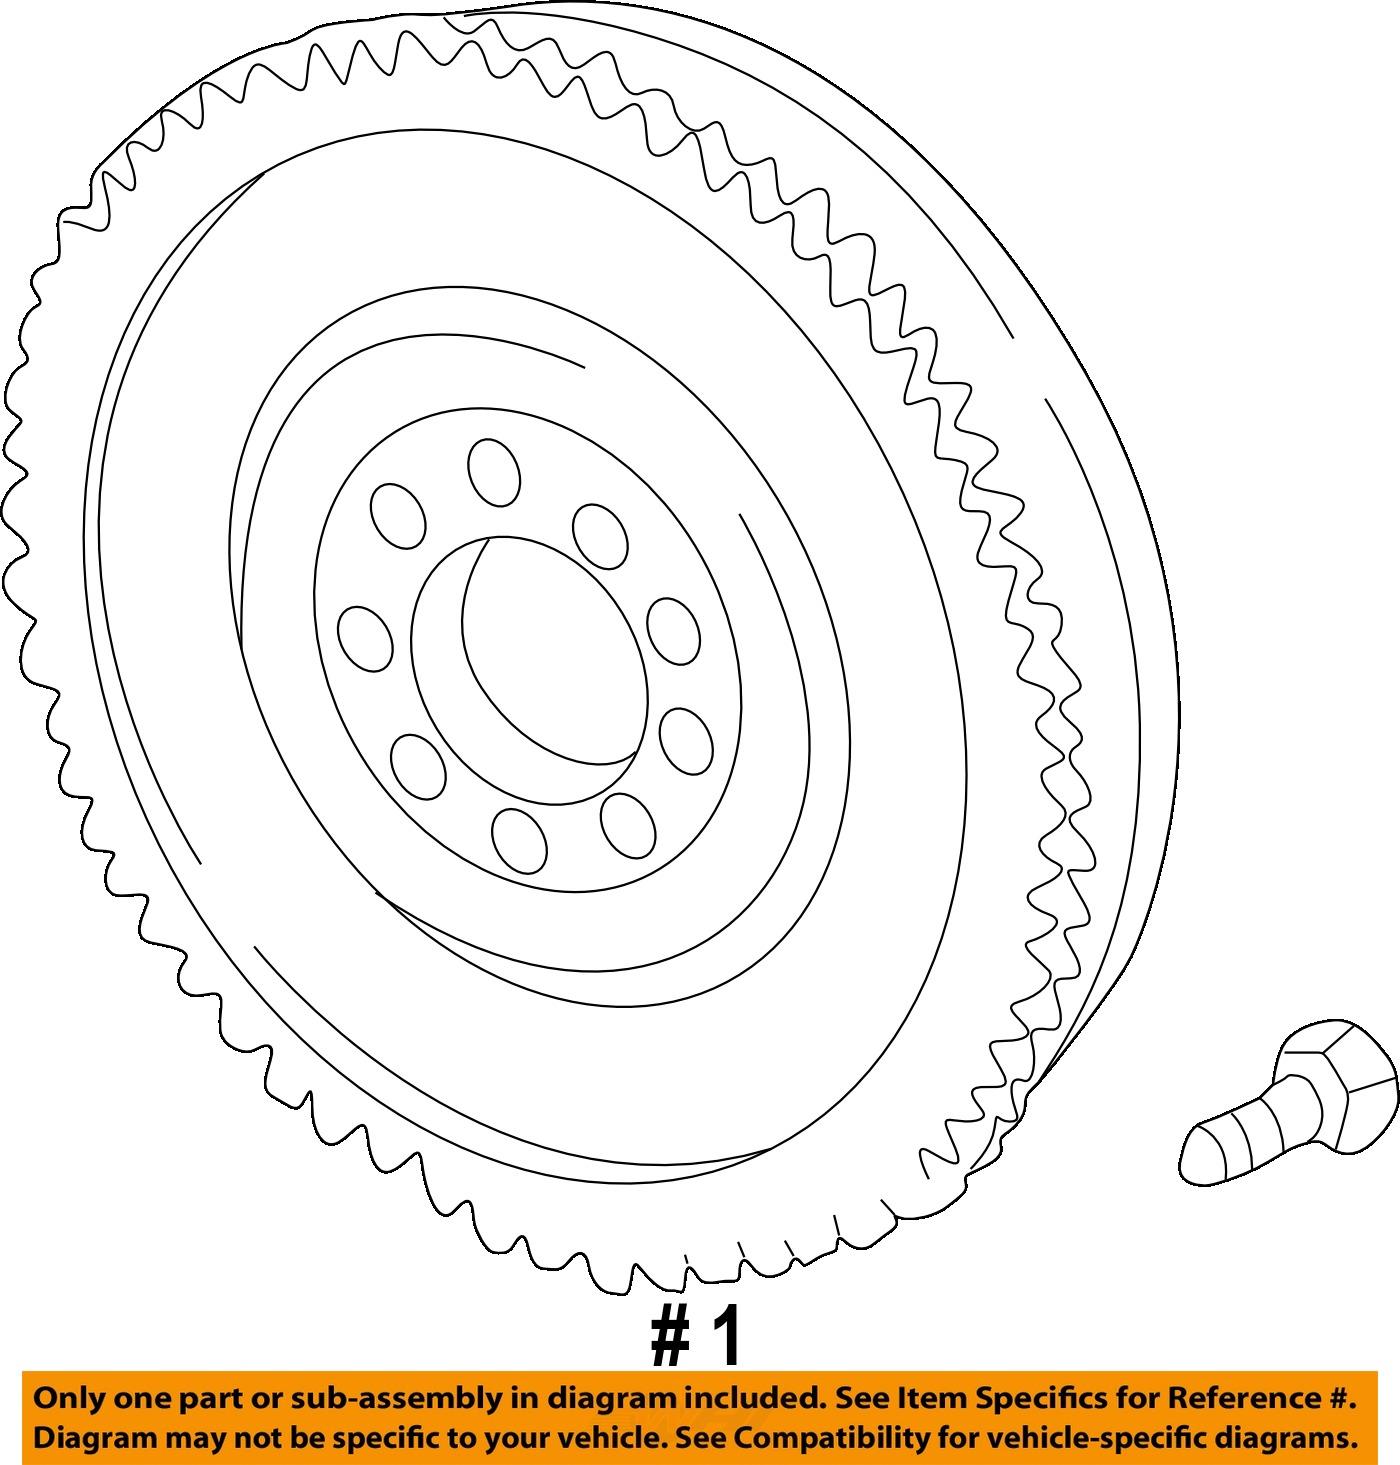 Bmw oem 99 02 540i clutch flywheel 21201223581